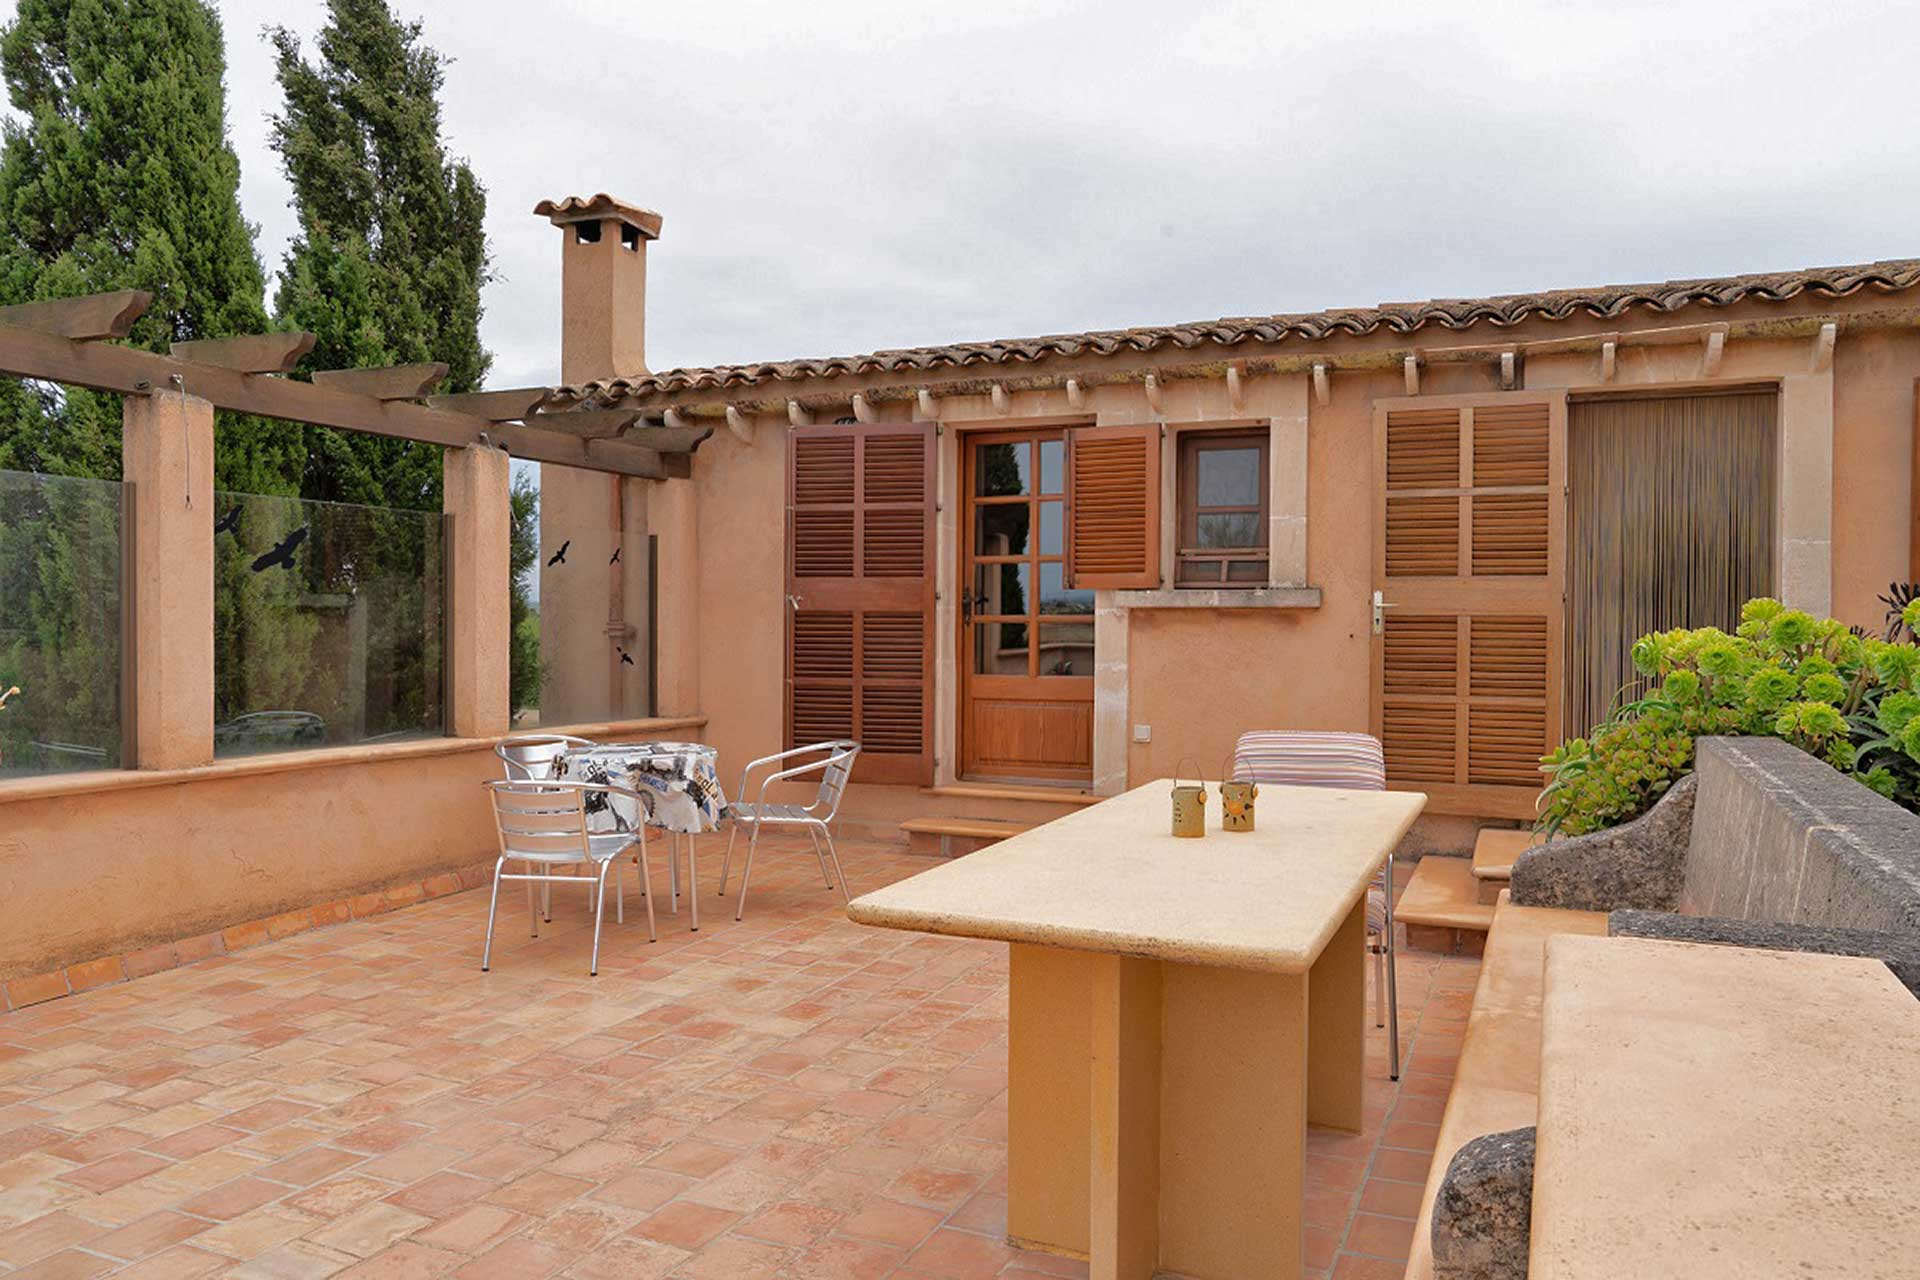 Finca C'an Murtera - Roof terrace annex building